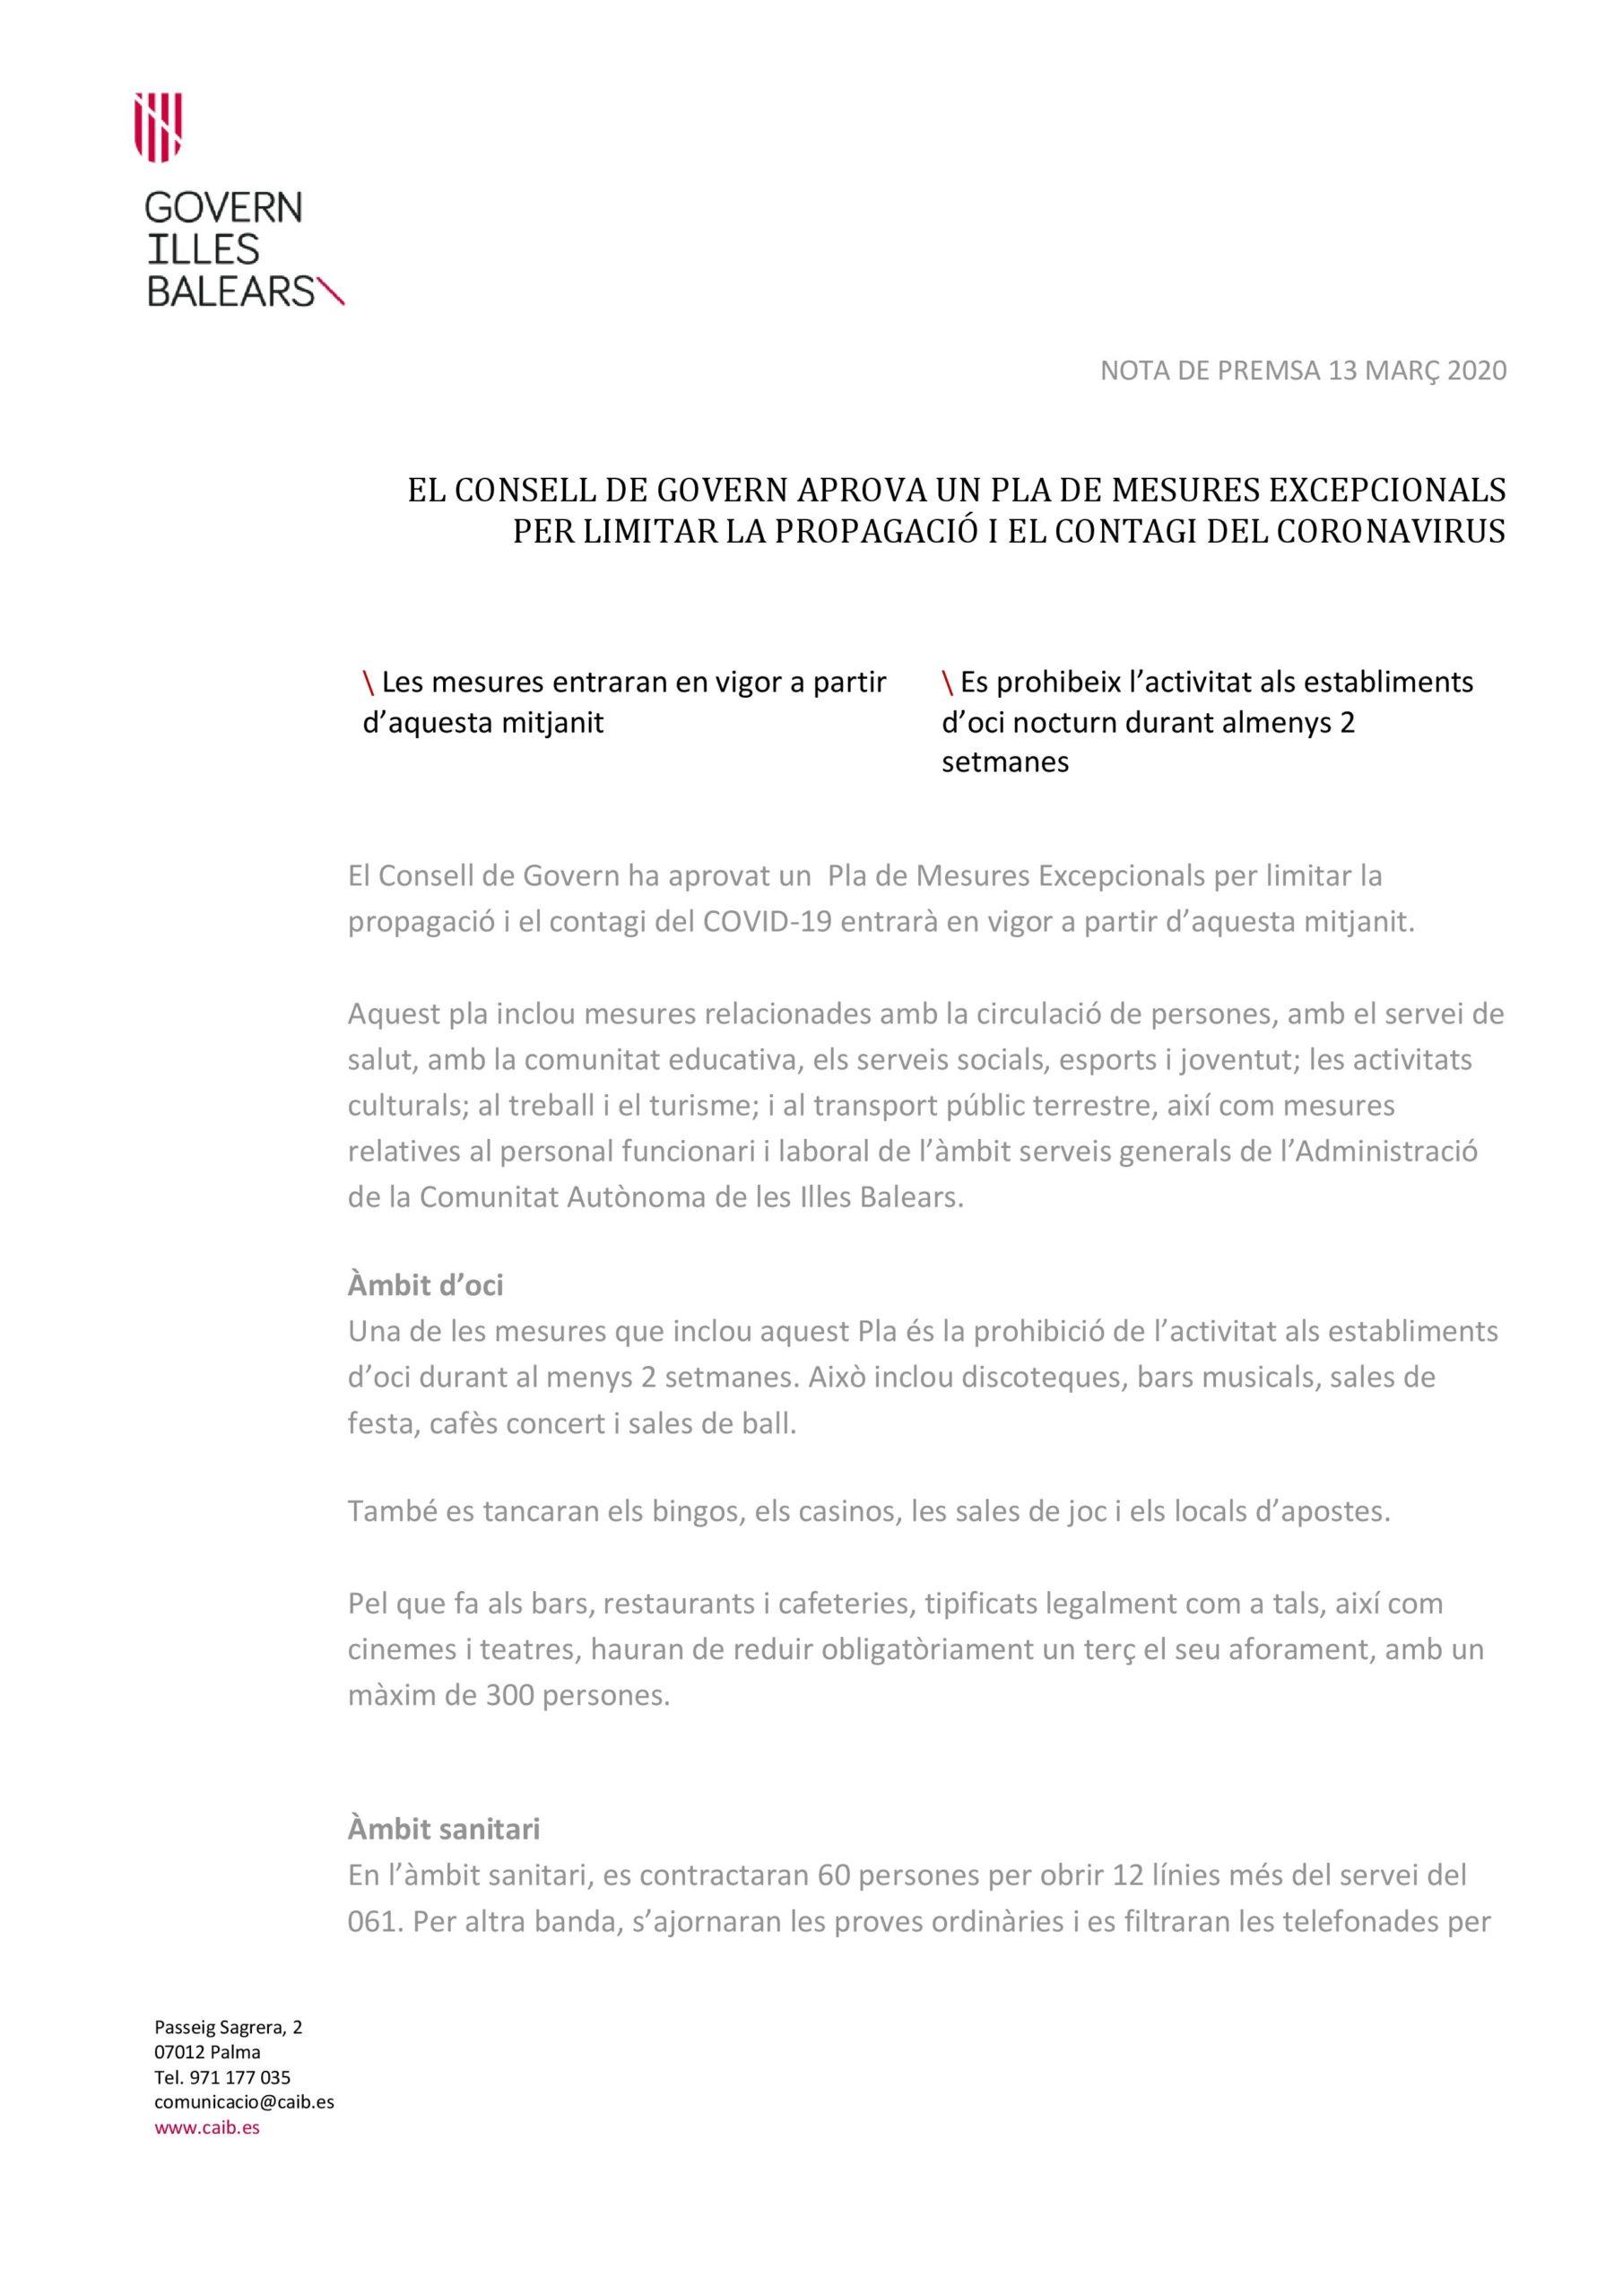 COMUNICADO GOVERN BALEAR POR CORONA VIRUS - 13 Marzo 2020